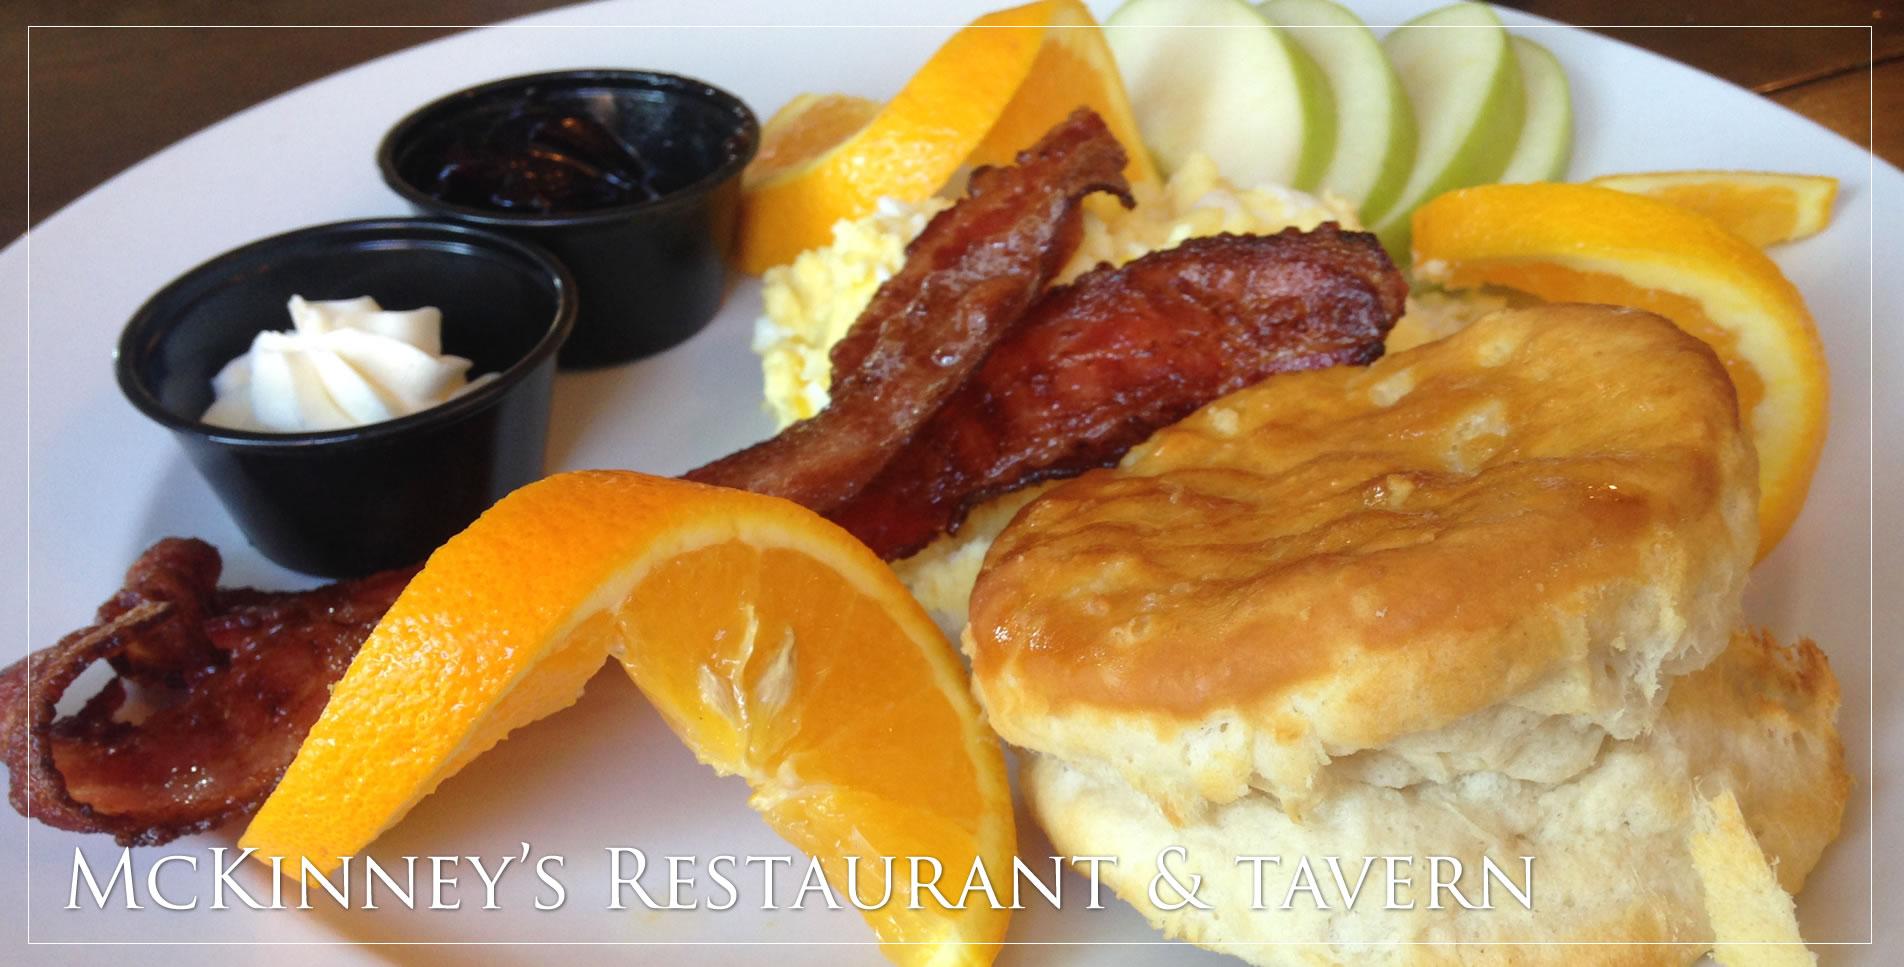 McKinney's Restaurant & Tavern